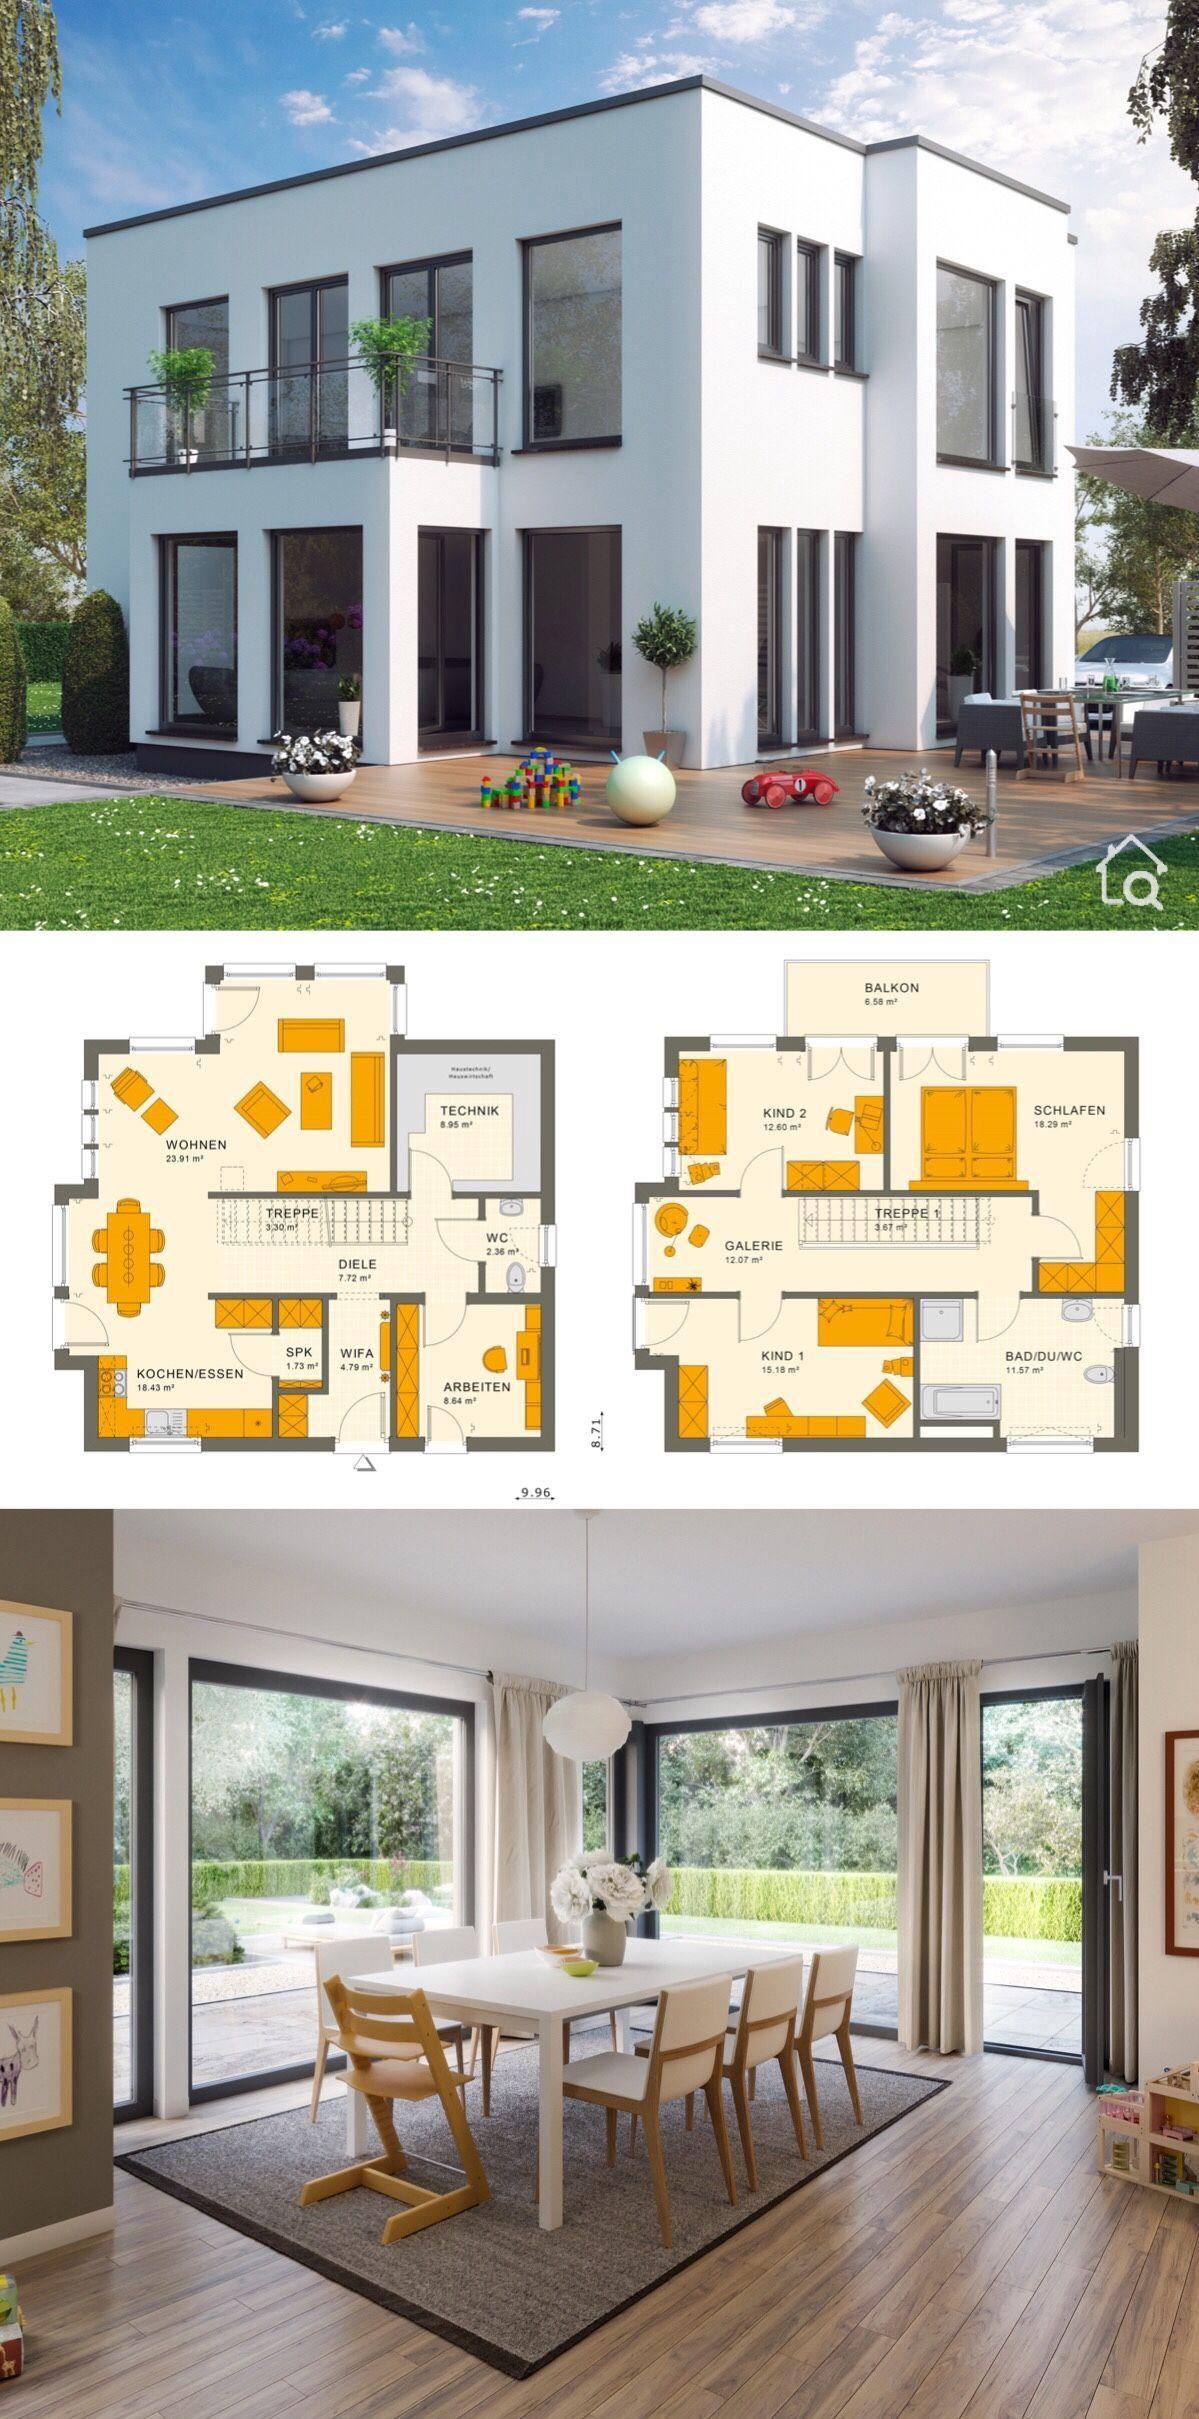 Fertighaus Stadtvilla modern im Bauhausstil, 5 Zimmer